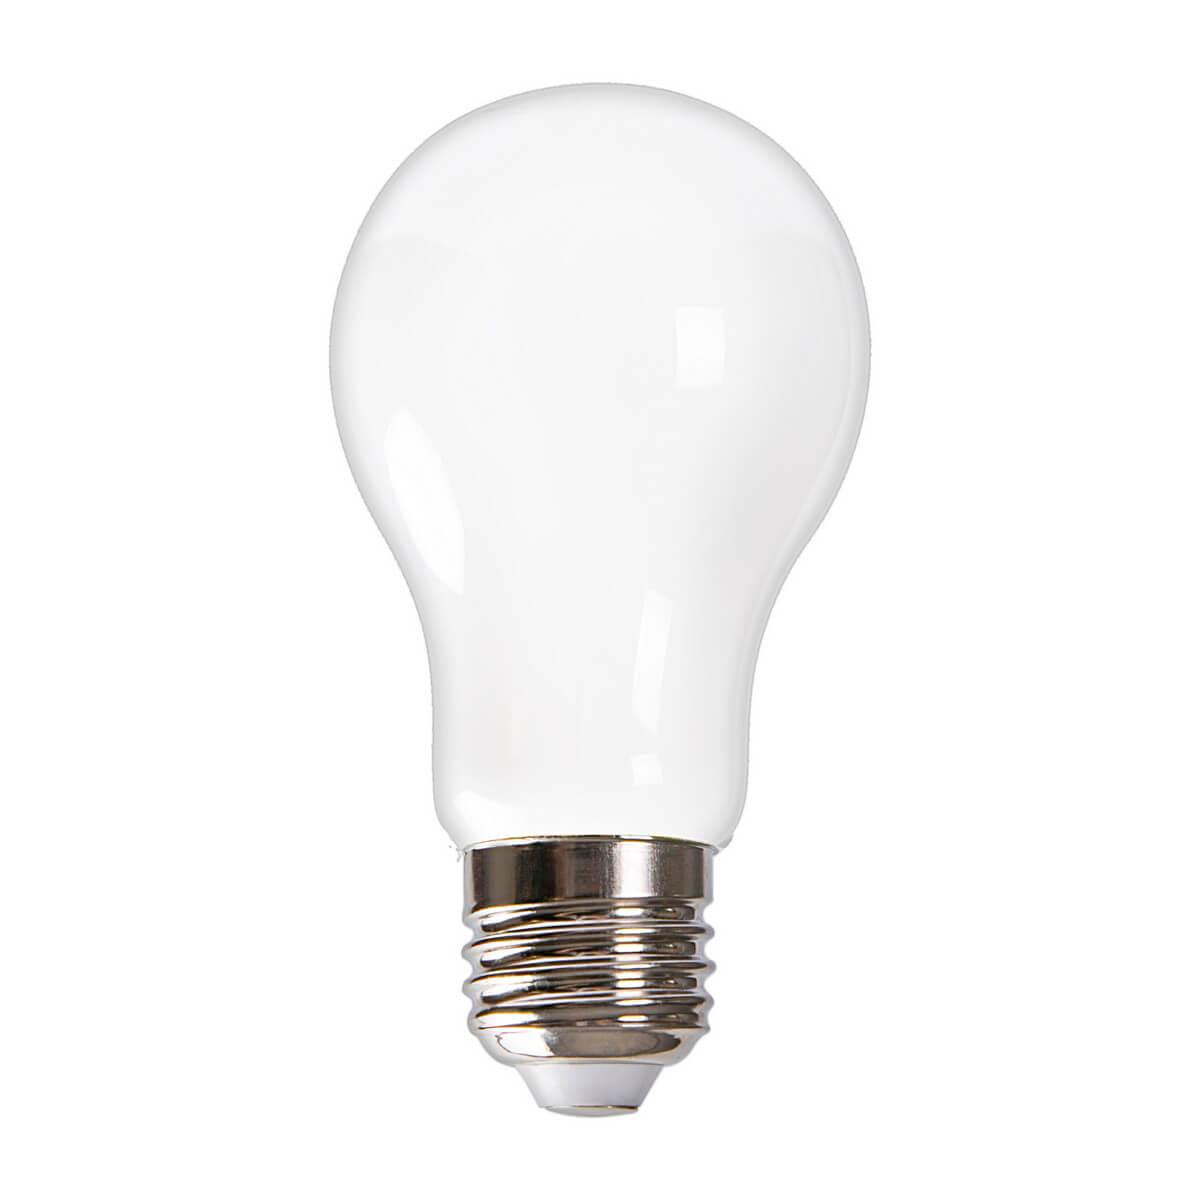 цена Лампочка Volpe LED-A60-9W/4000K/E27/FR GLH01WH Heaven LED-A60 онлайн в 2017 году